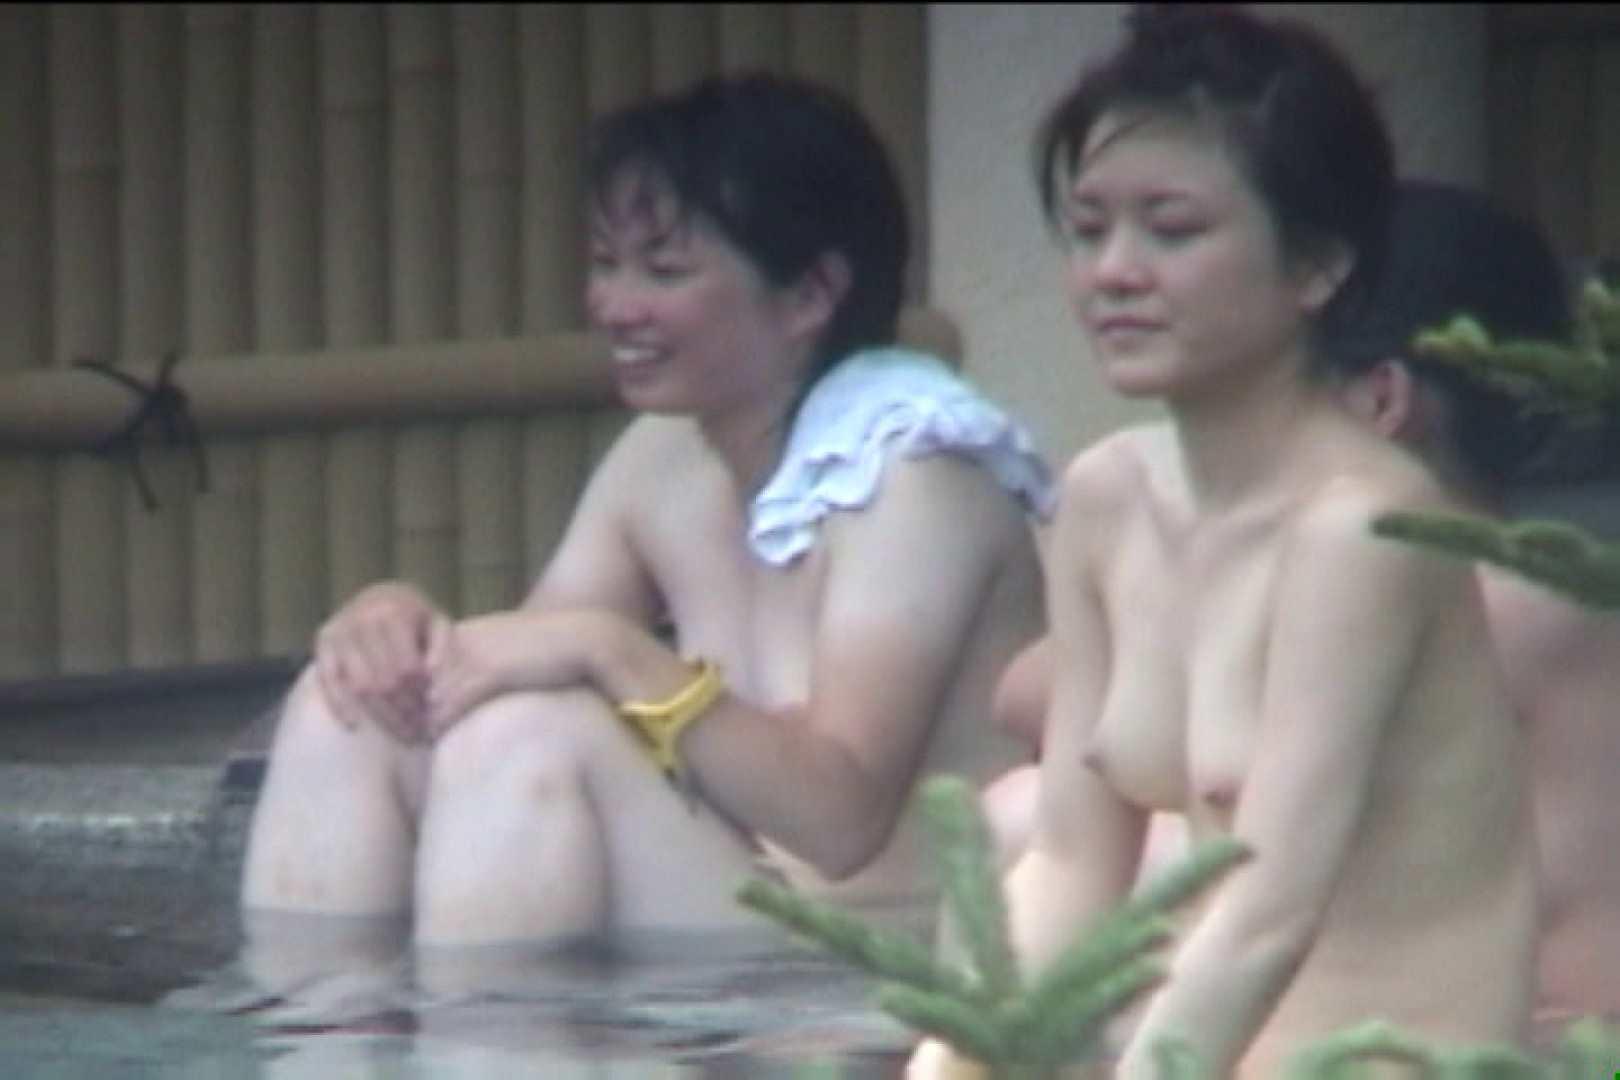 Aquaな露天風呂Vol.94【VIP限定】 露天   盗撮  79画像 1